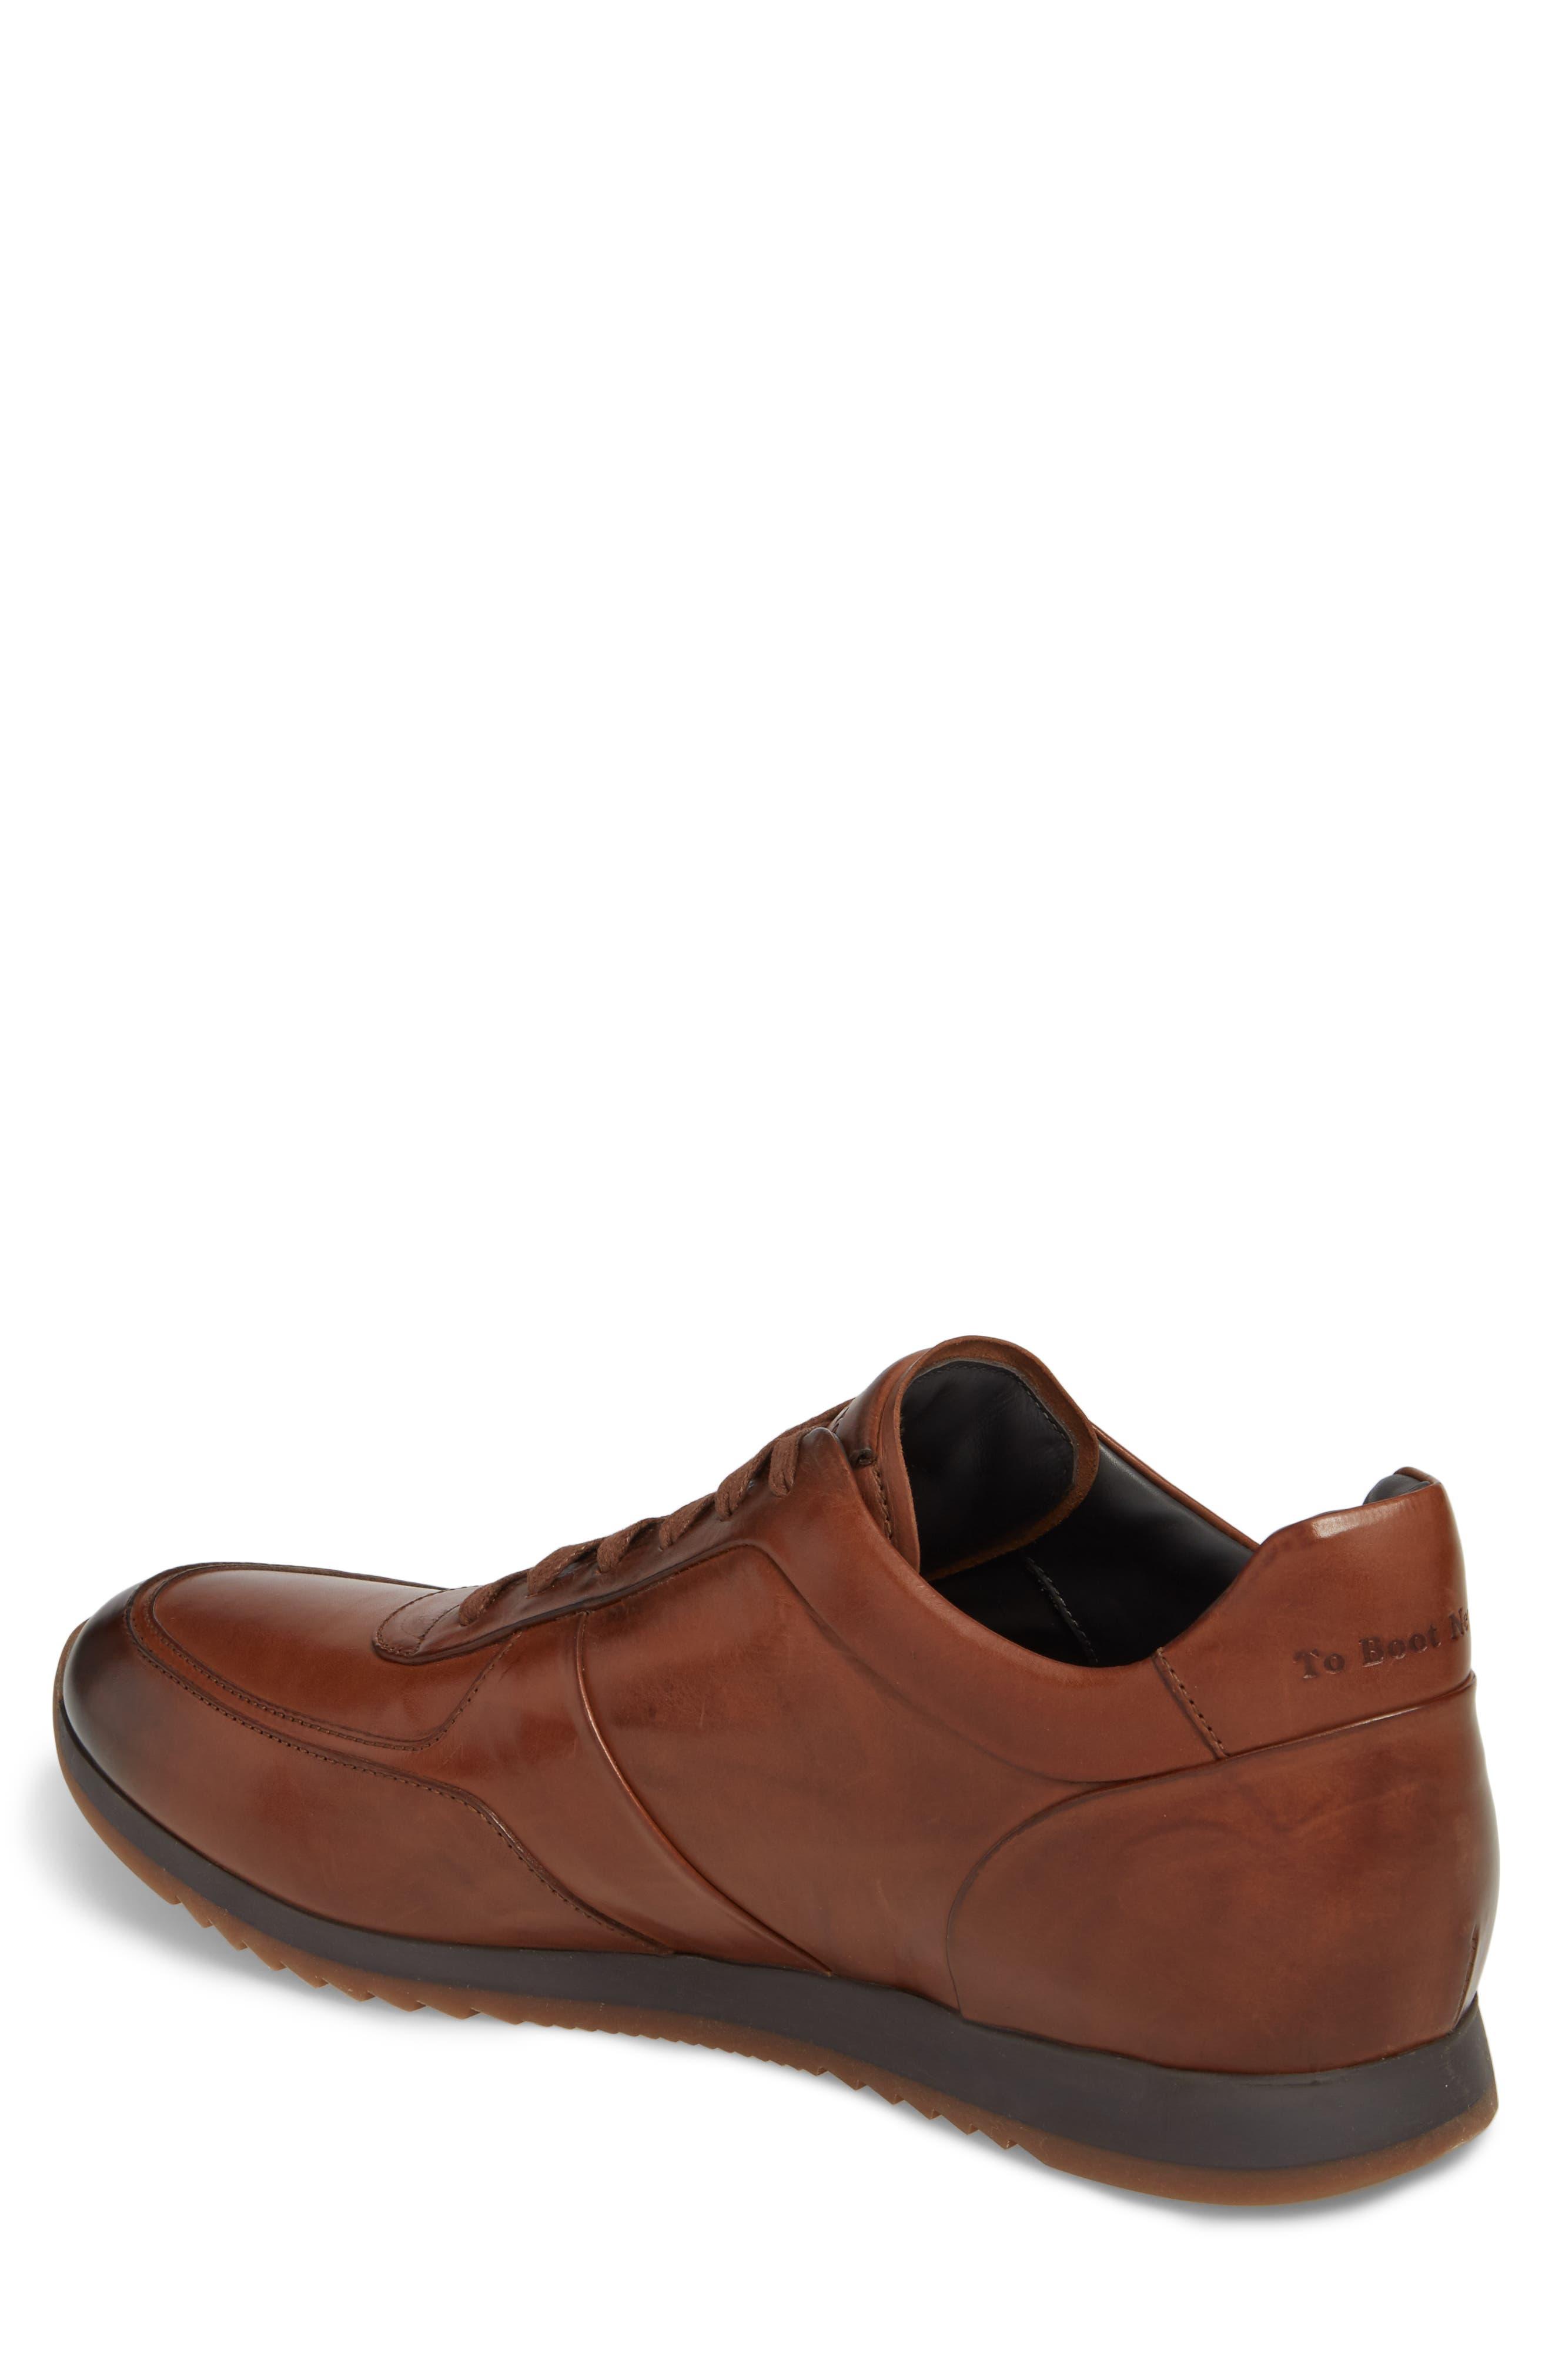 Lenox Low Top Sneaker,                             Alternate thumbnail 2, color,